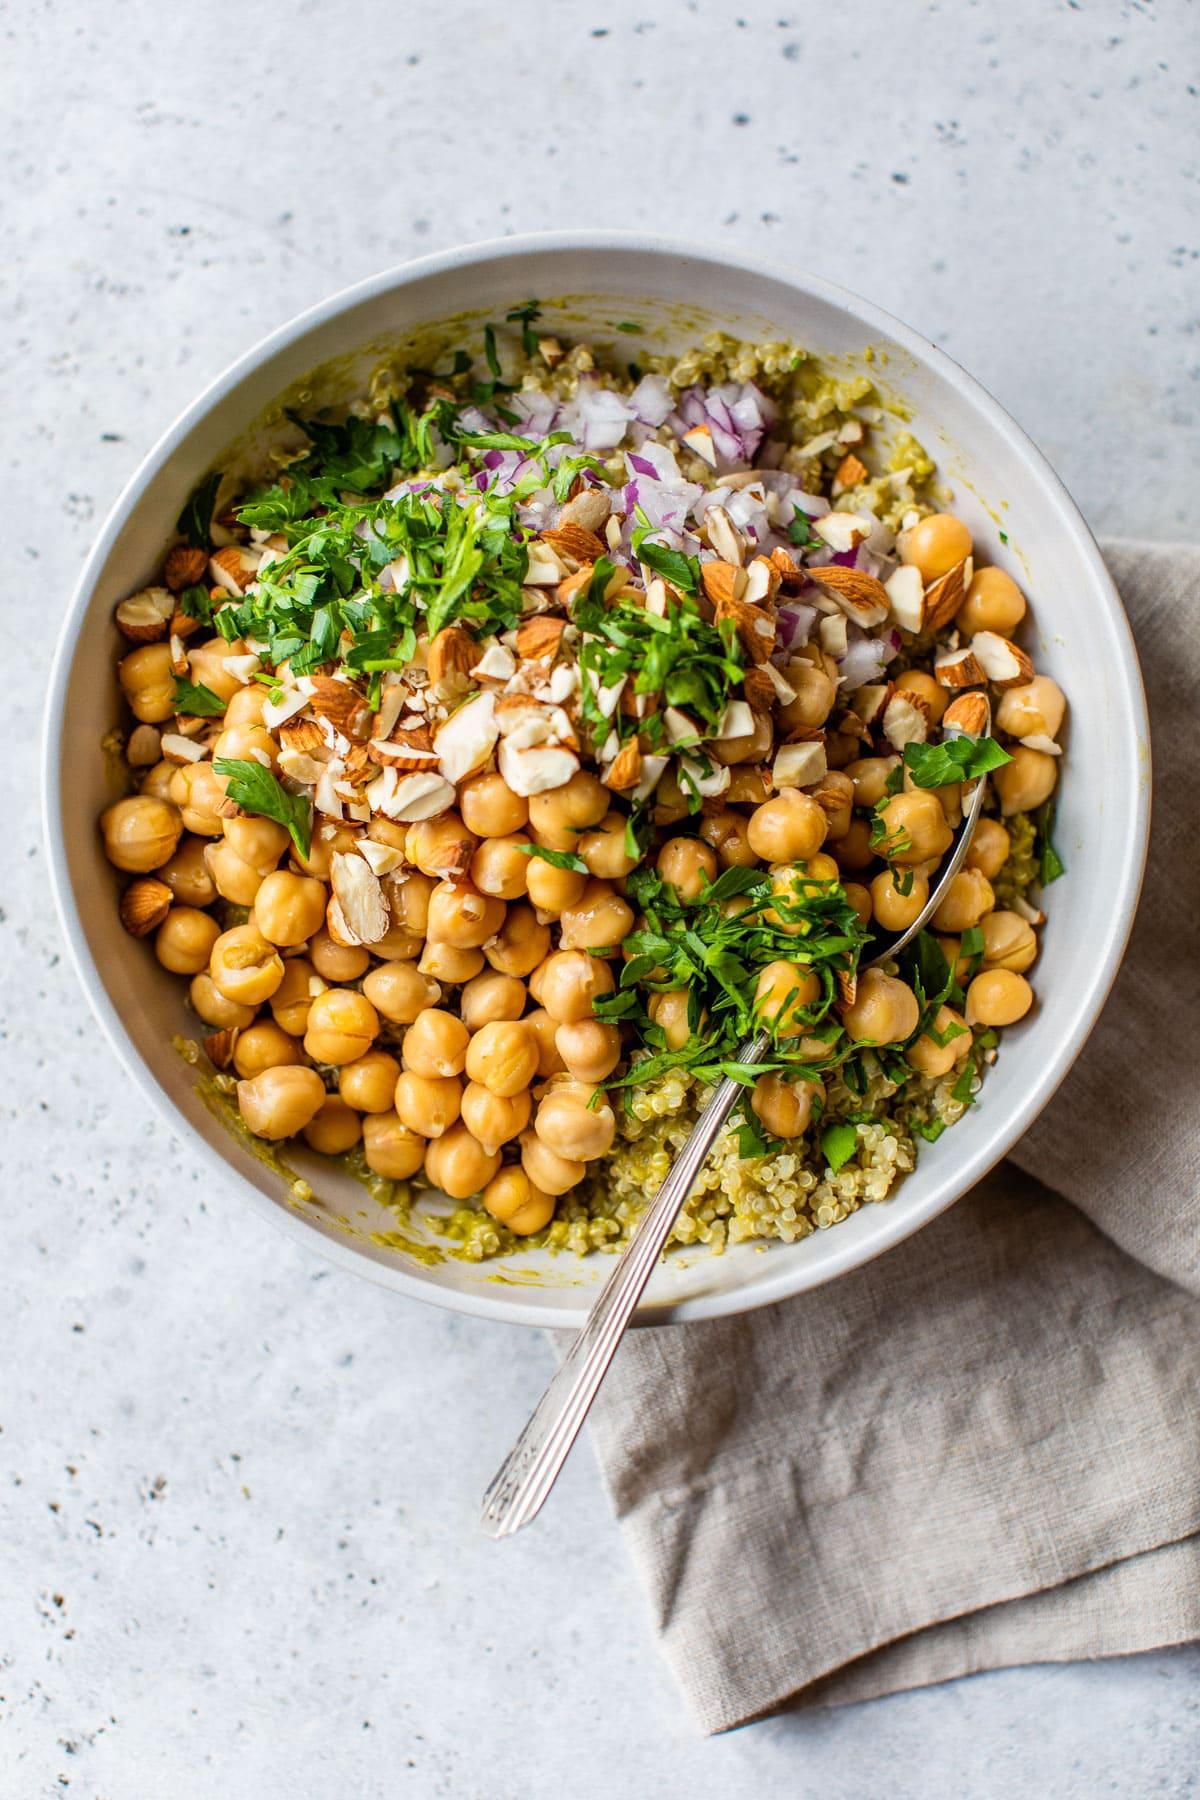 Ensalada de garbanzos con quinoa en un bol